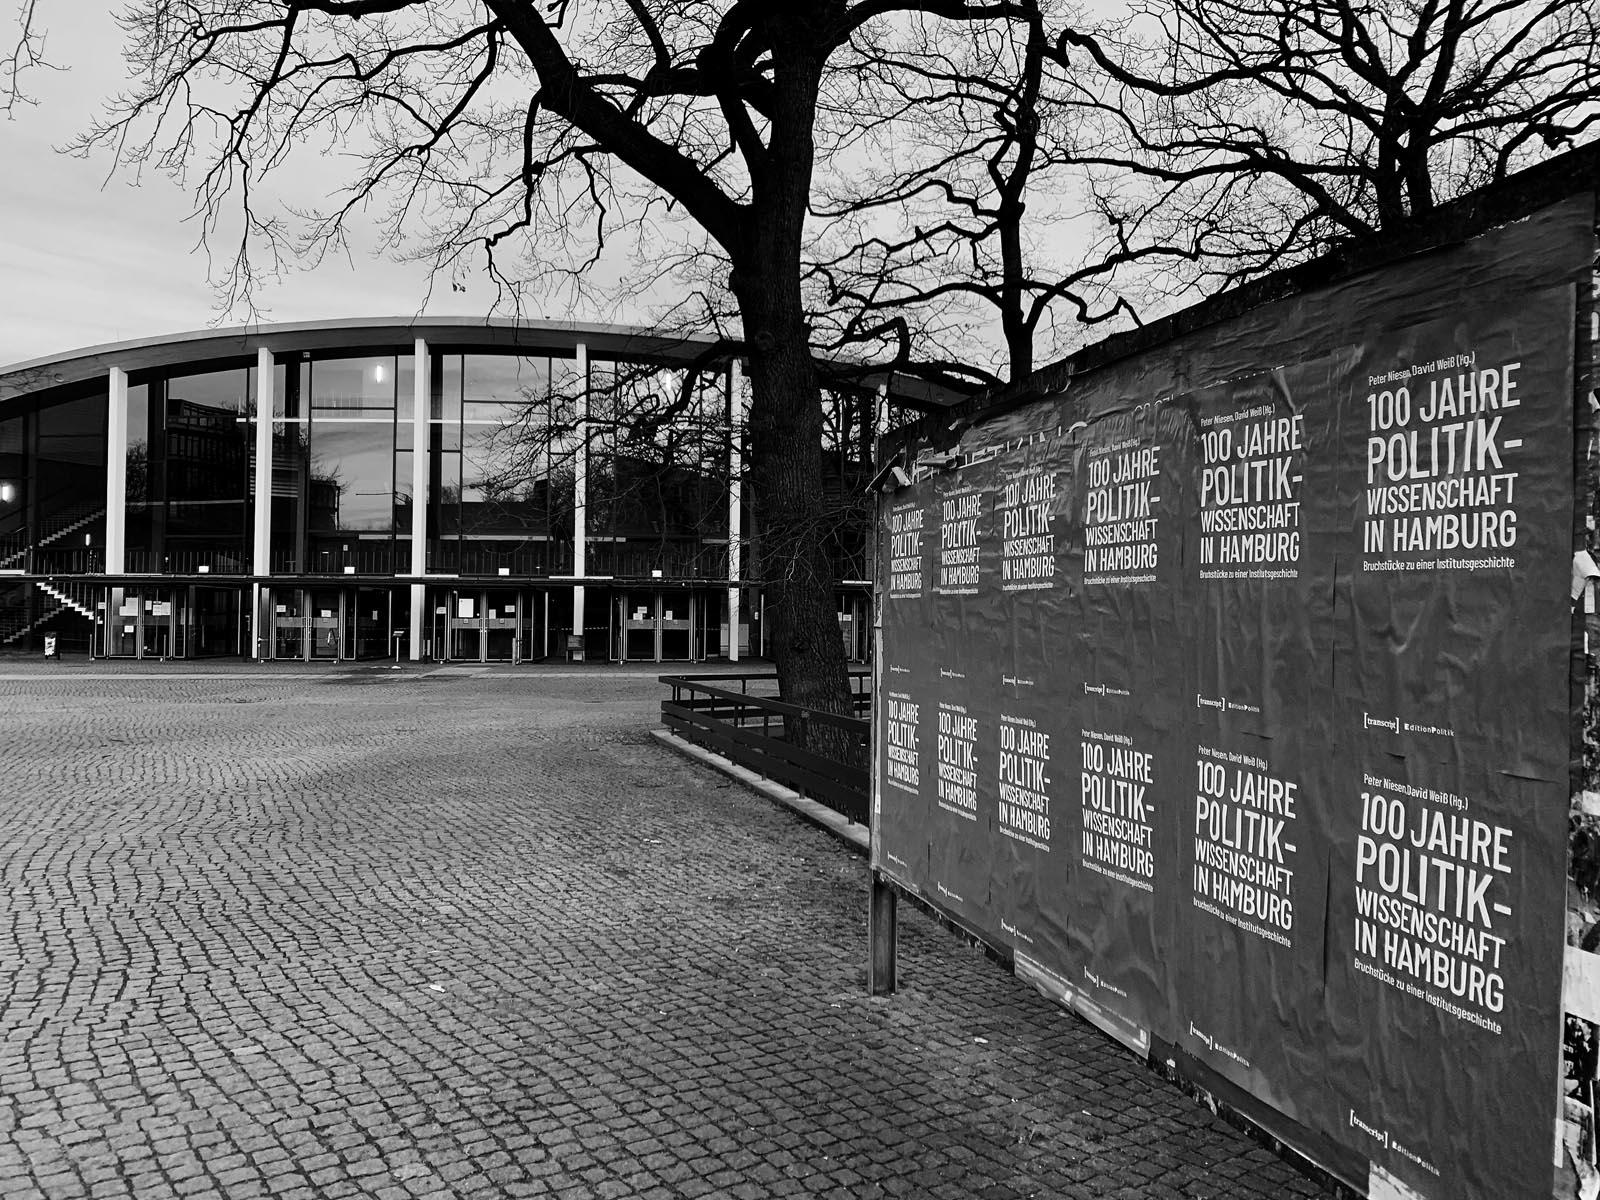 Flächen - Uni Hamburg